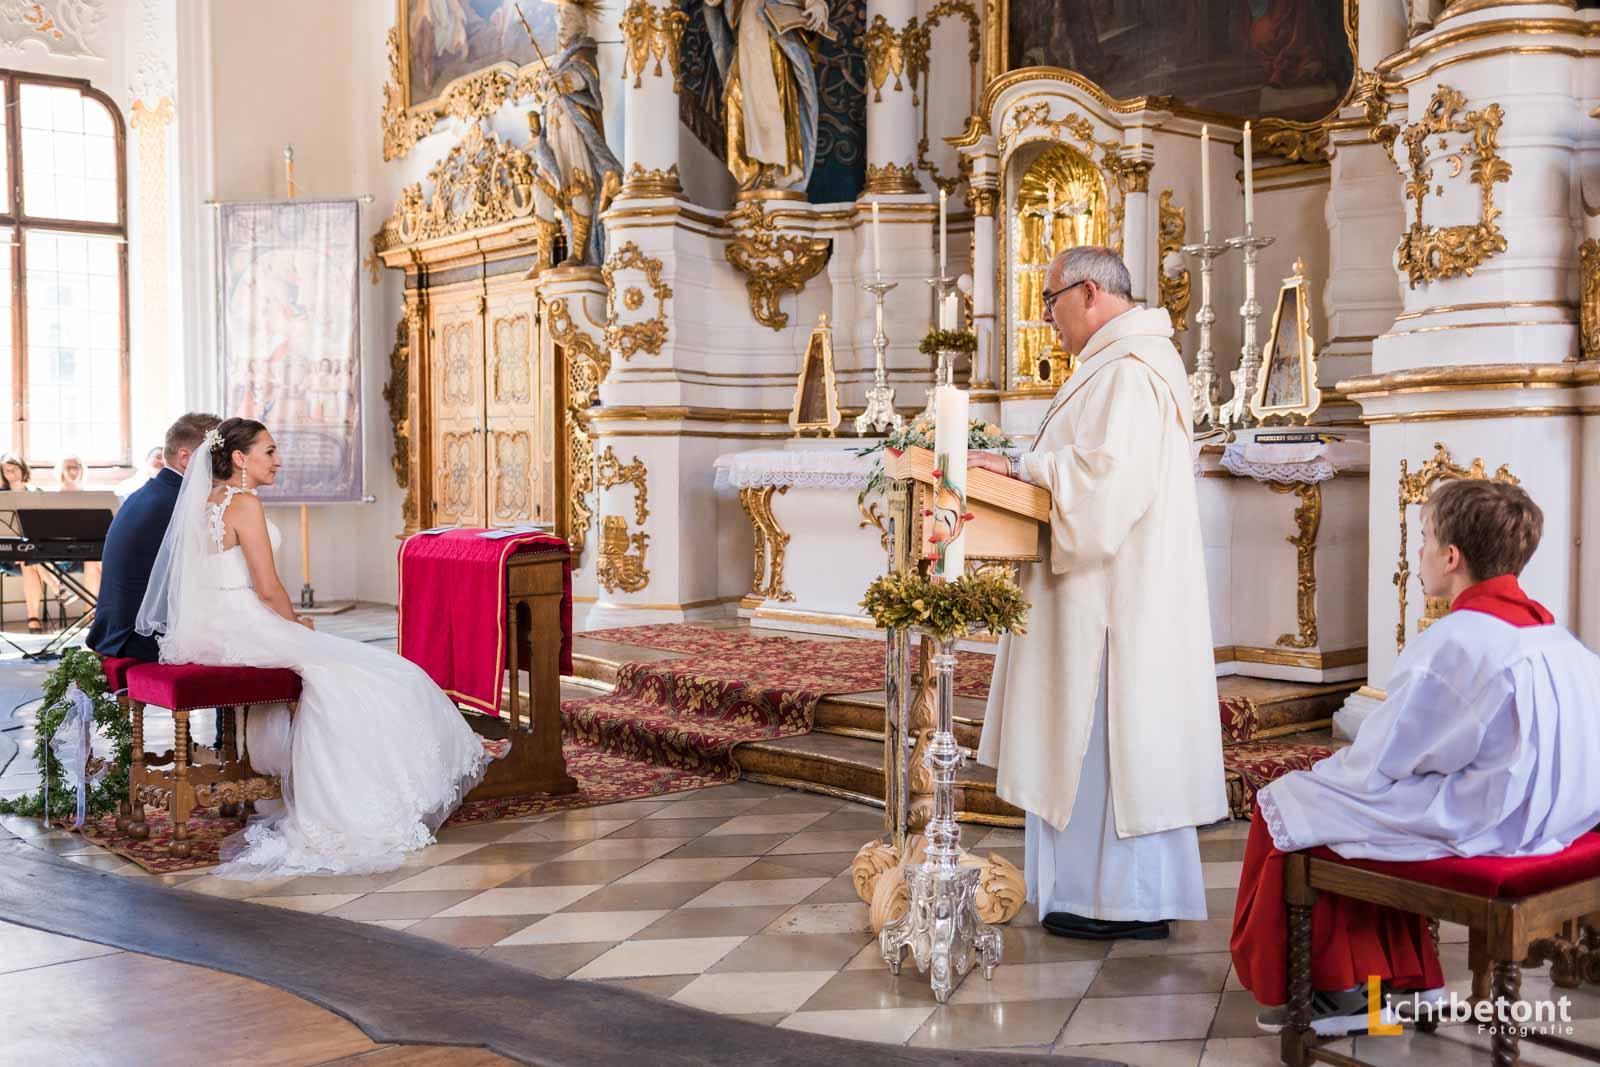 Hochzeitsreportage Seehaus Asam Kirche Ingolstadt Barocksaal Baggersee heiraten Hochzeitsfeier_0033